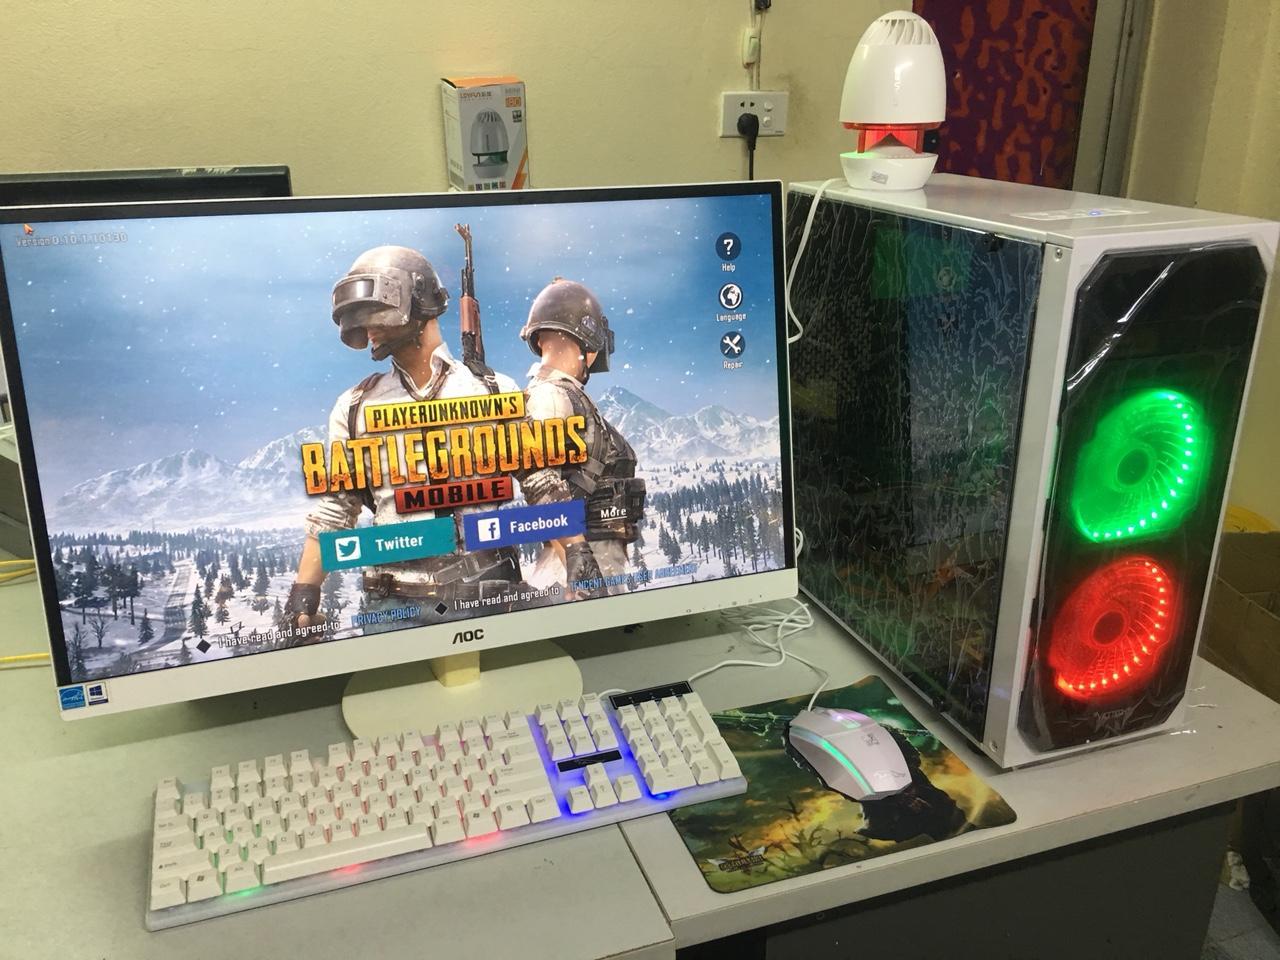 Bộ máy tính chơi Game PUBG PC VIP core i3, MÀN HÌNH 27 inch Full HD (Đầy đủ CPU, Màn hình, bàn phím, chuột led giả cơ, USB wifi tự động kết nối mạng